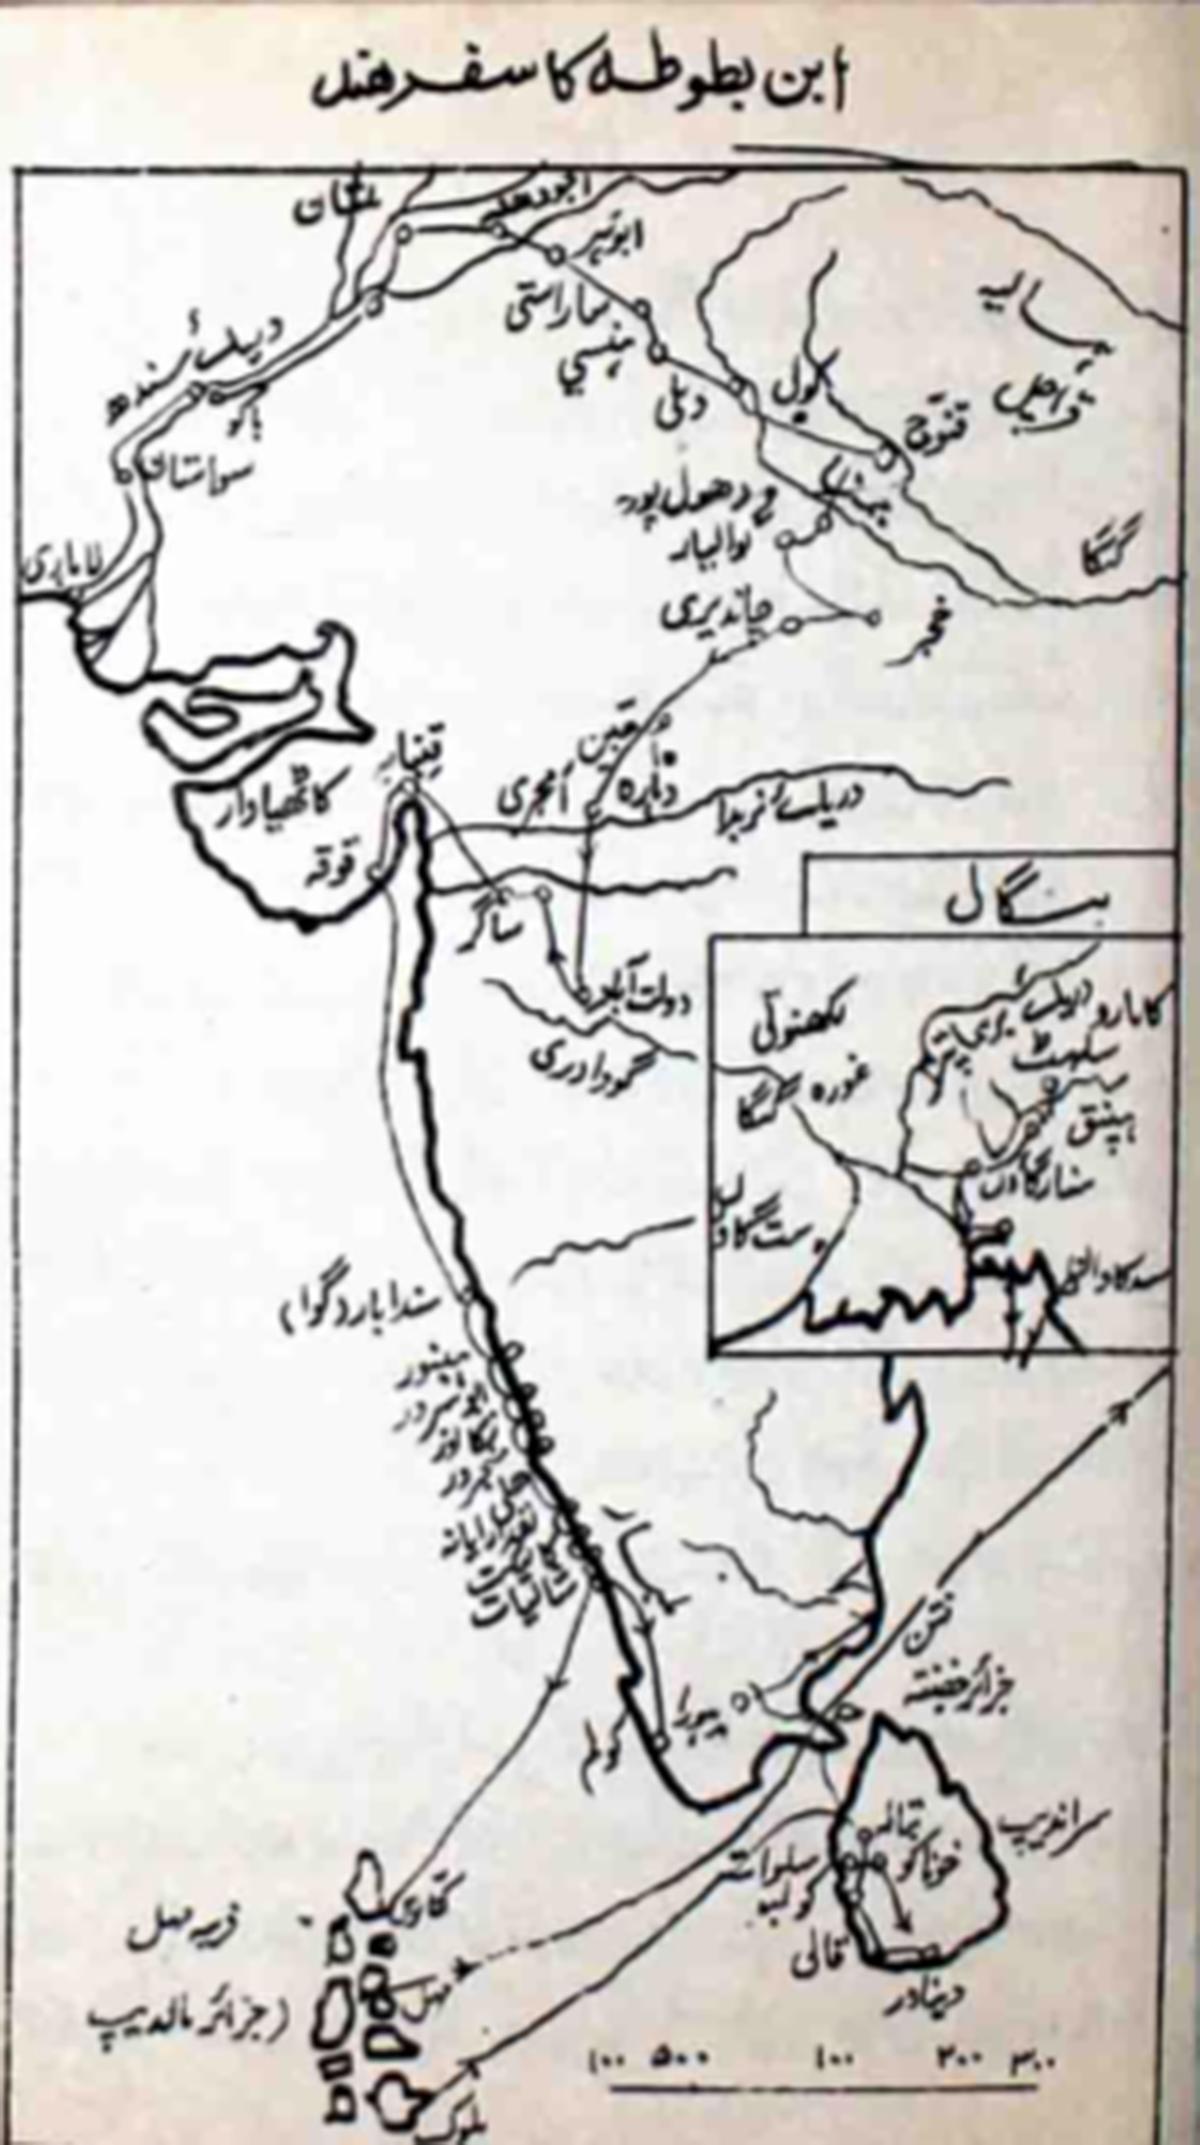 ابنِ بطوطہ کے ہندوستان میں سفر کا نقشہ — بشکریہ کتاب سفرنامہ شیخ ابن بطوطہ'، مترجم: مولوی عبدالرحمٰن خانصاحب۔مکتبہ برہان،دہلی (1972ء)